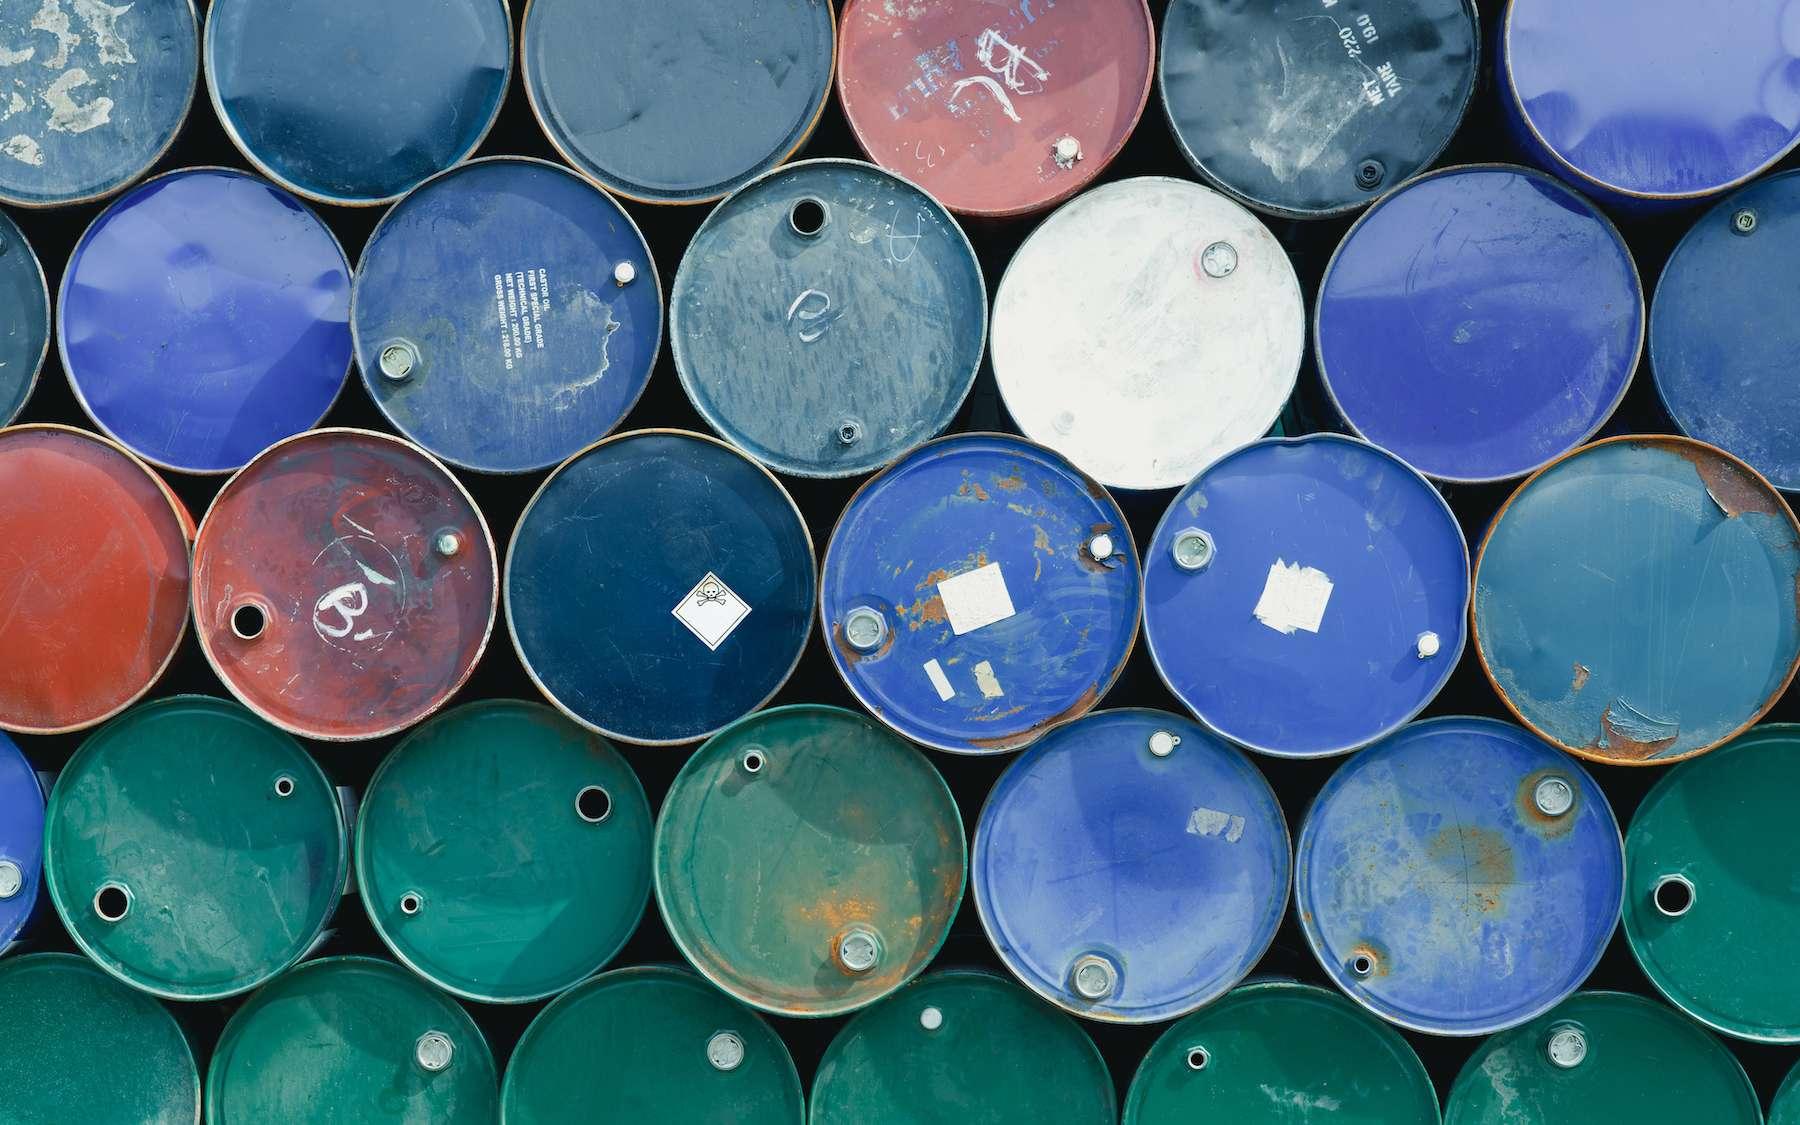 Les déchets qualifiés de spéciaux ou de dangereux sont ceux qui présentent un risque pour notre santé ou pour l'environnement. © itakdalee, Fotolia